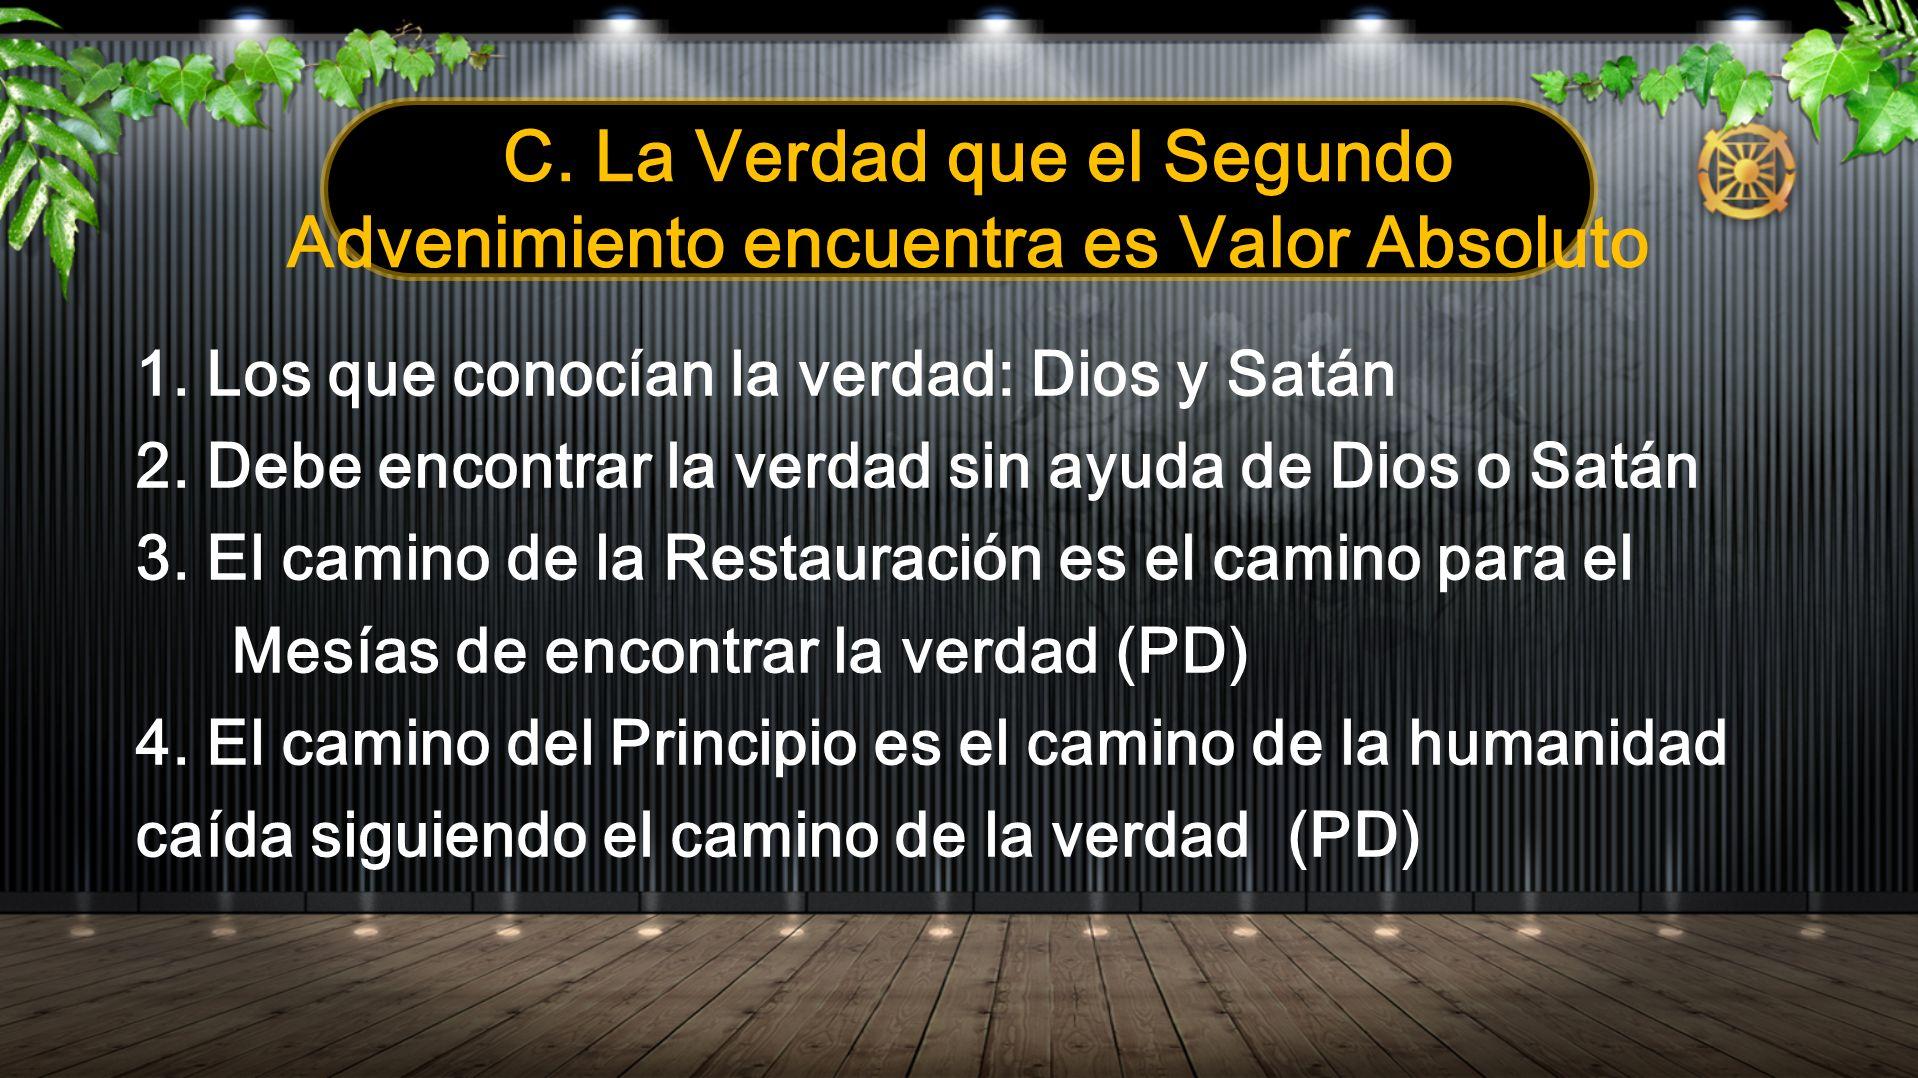 C. La Verdad que el Segundo Advenimiento encuentra es Valor Absoluto 1. Los que conocían la verdad: Dios y Satán 2. Debe encontrar la verdad sin ayuda